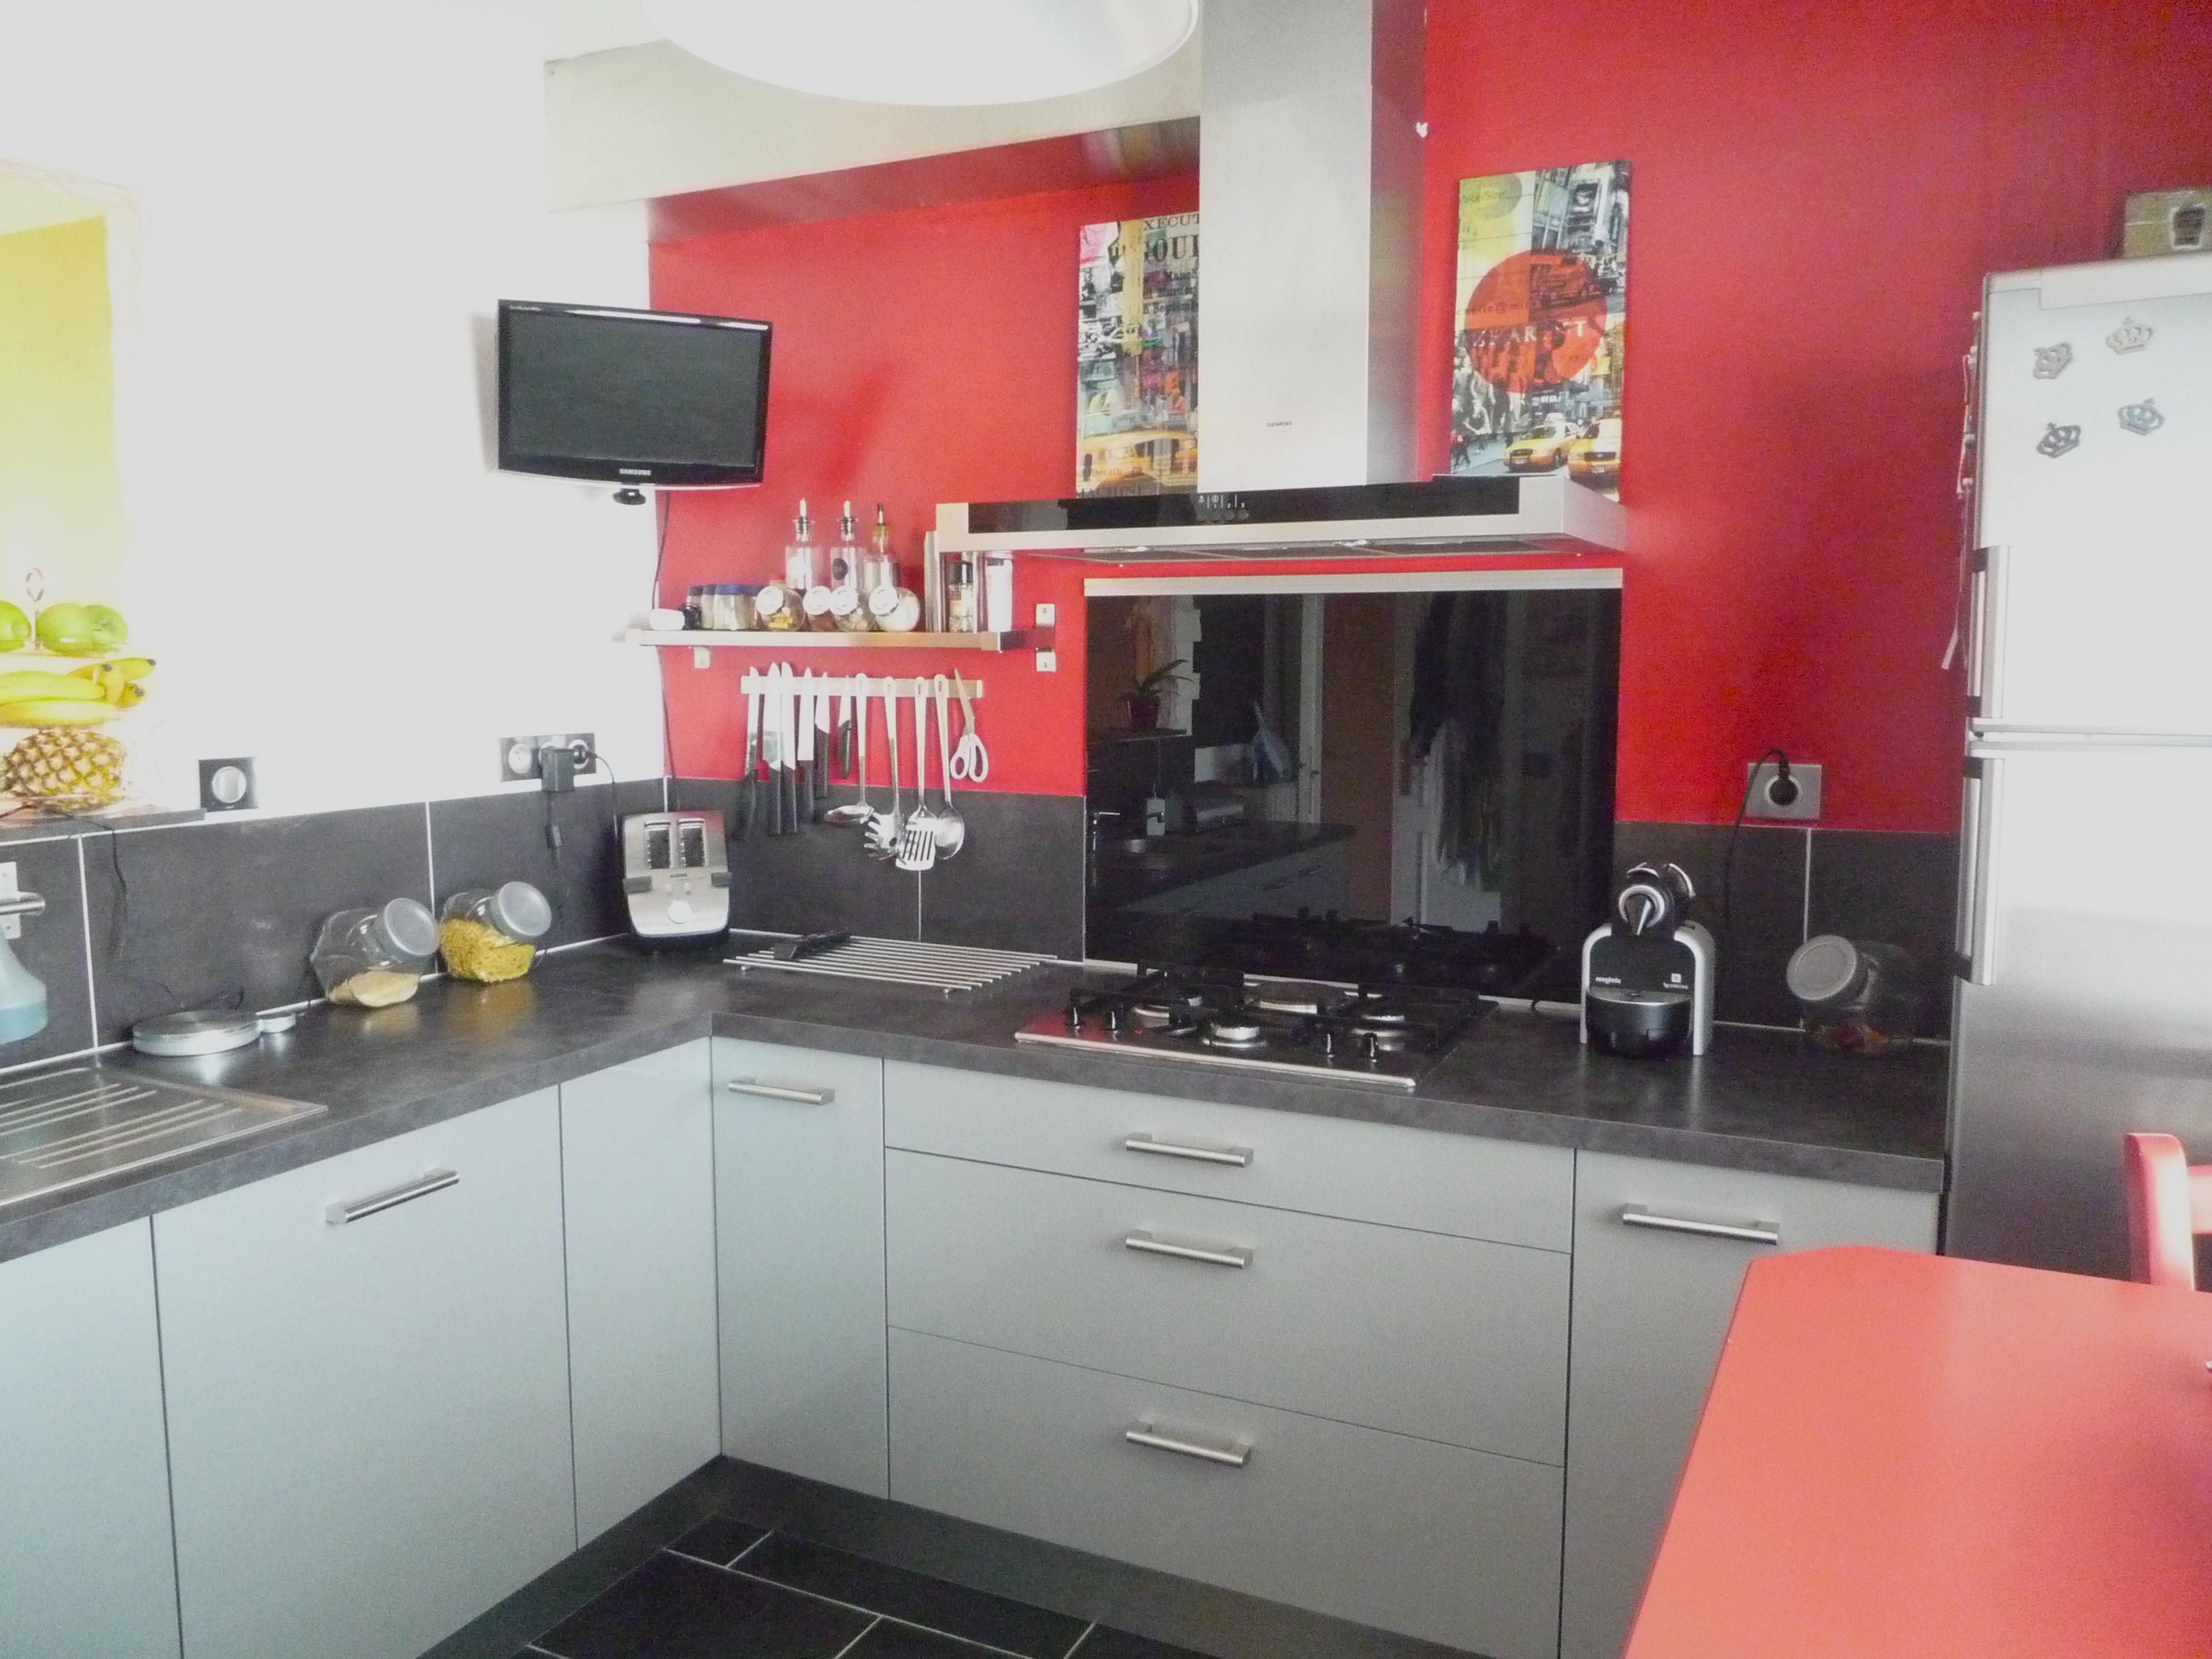 Couleur Mur Cuisine Blanche Et Grise cuisine gris taupe - décoration - forum vie pratique